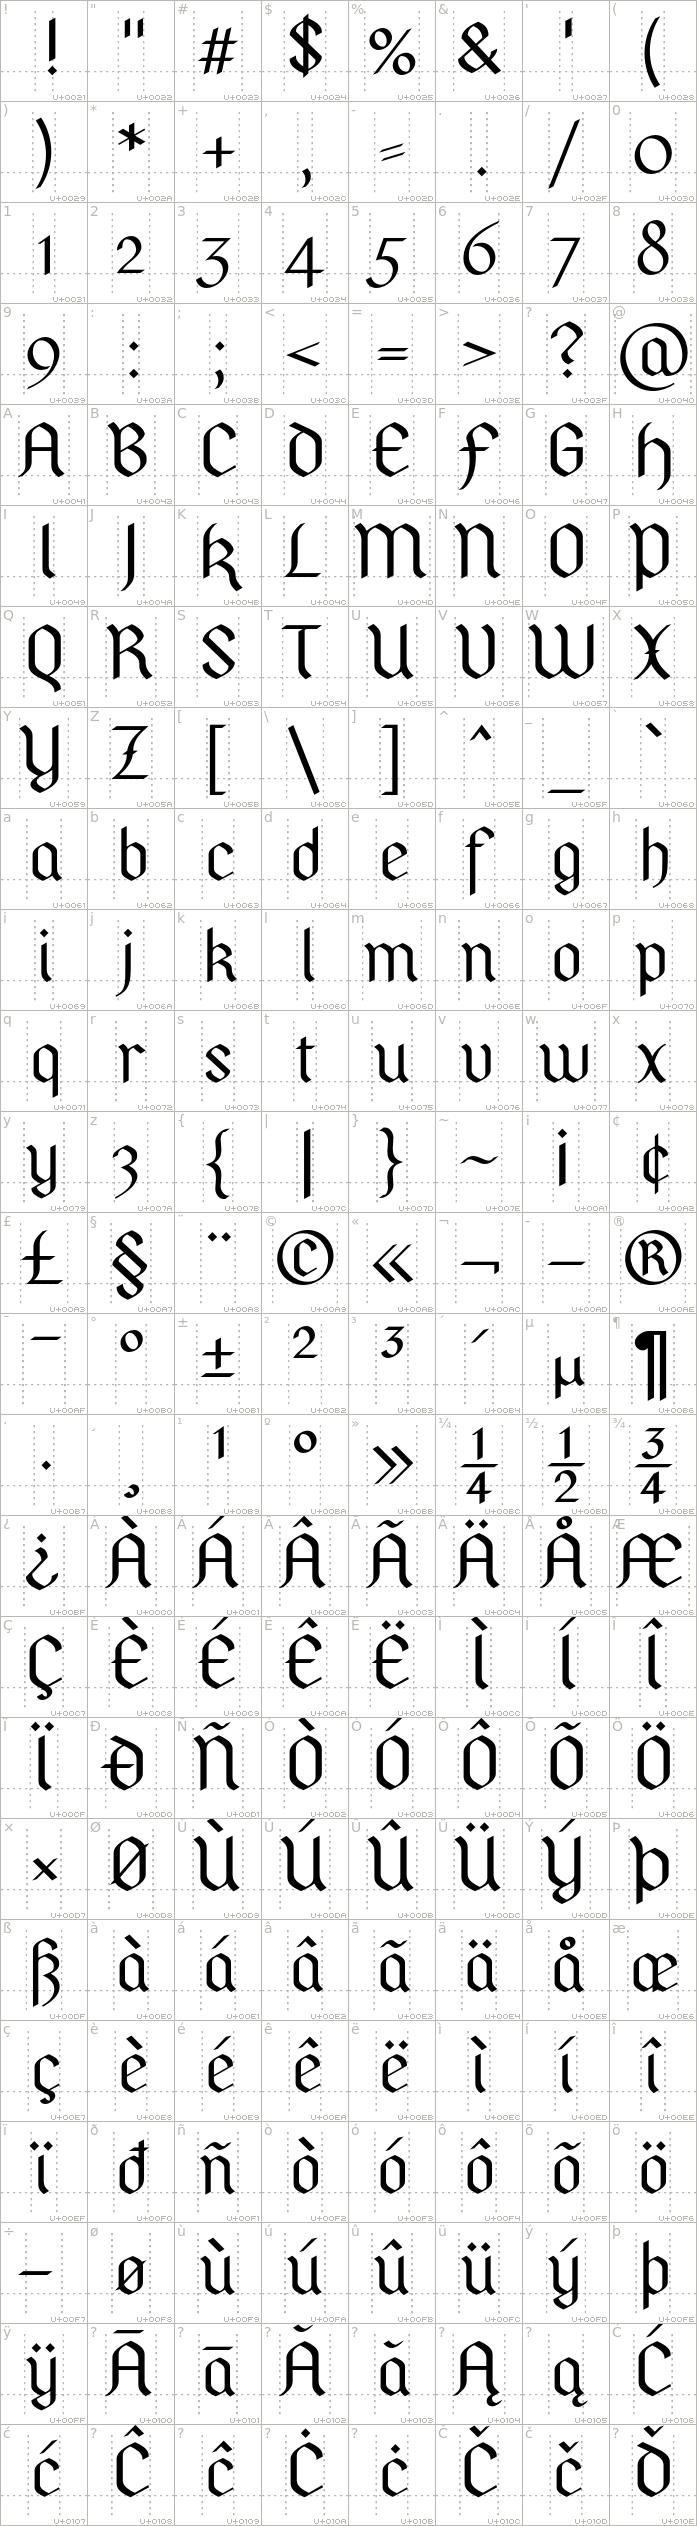 pfeffer-simpelgotisch.regular.character-map-1